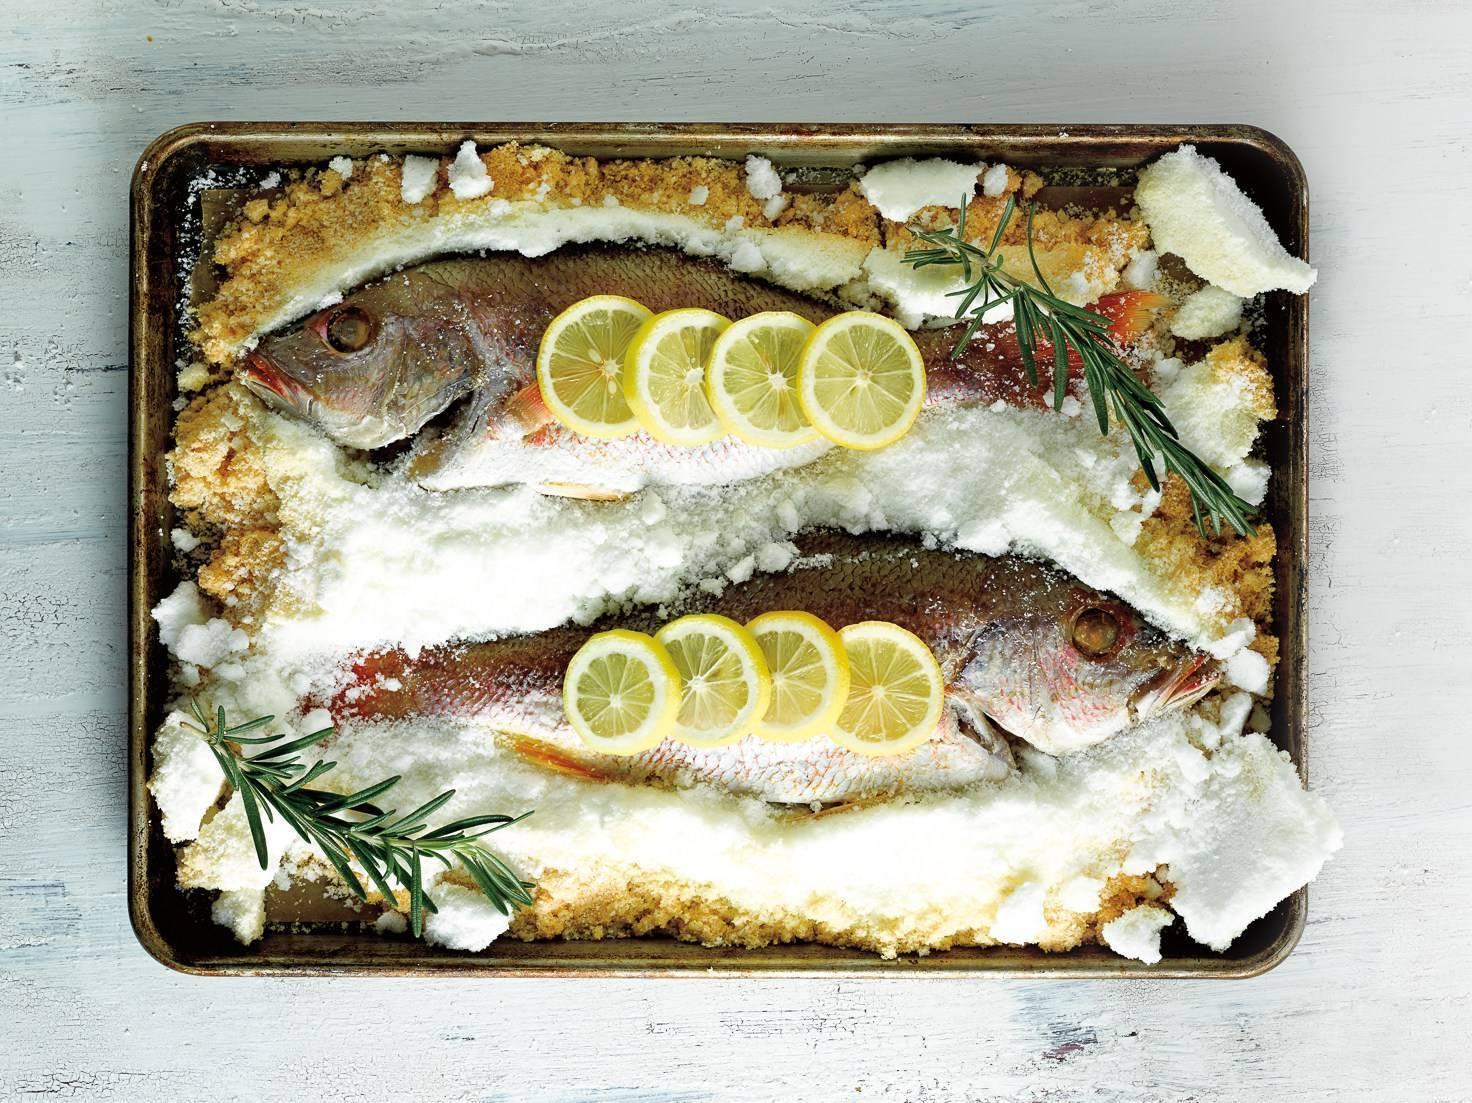 Запеченная в соли рыба: как ее приготовить в соляном панцире фламбе? пошаговый рецепт рыбы в солевой корке по-тайски